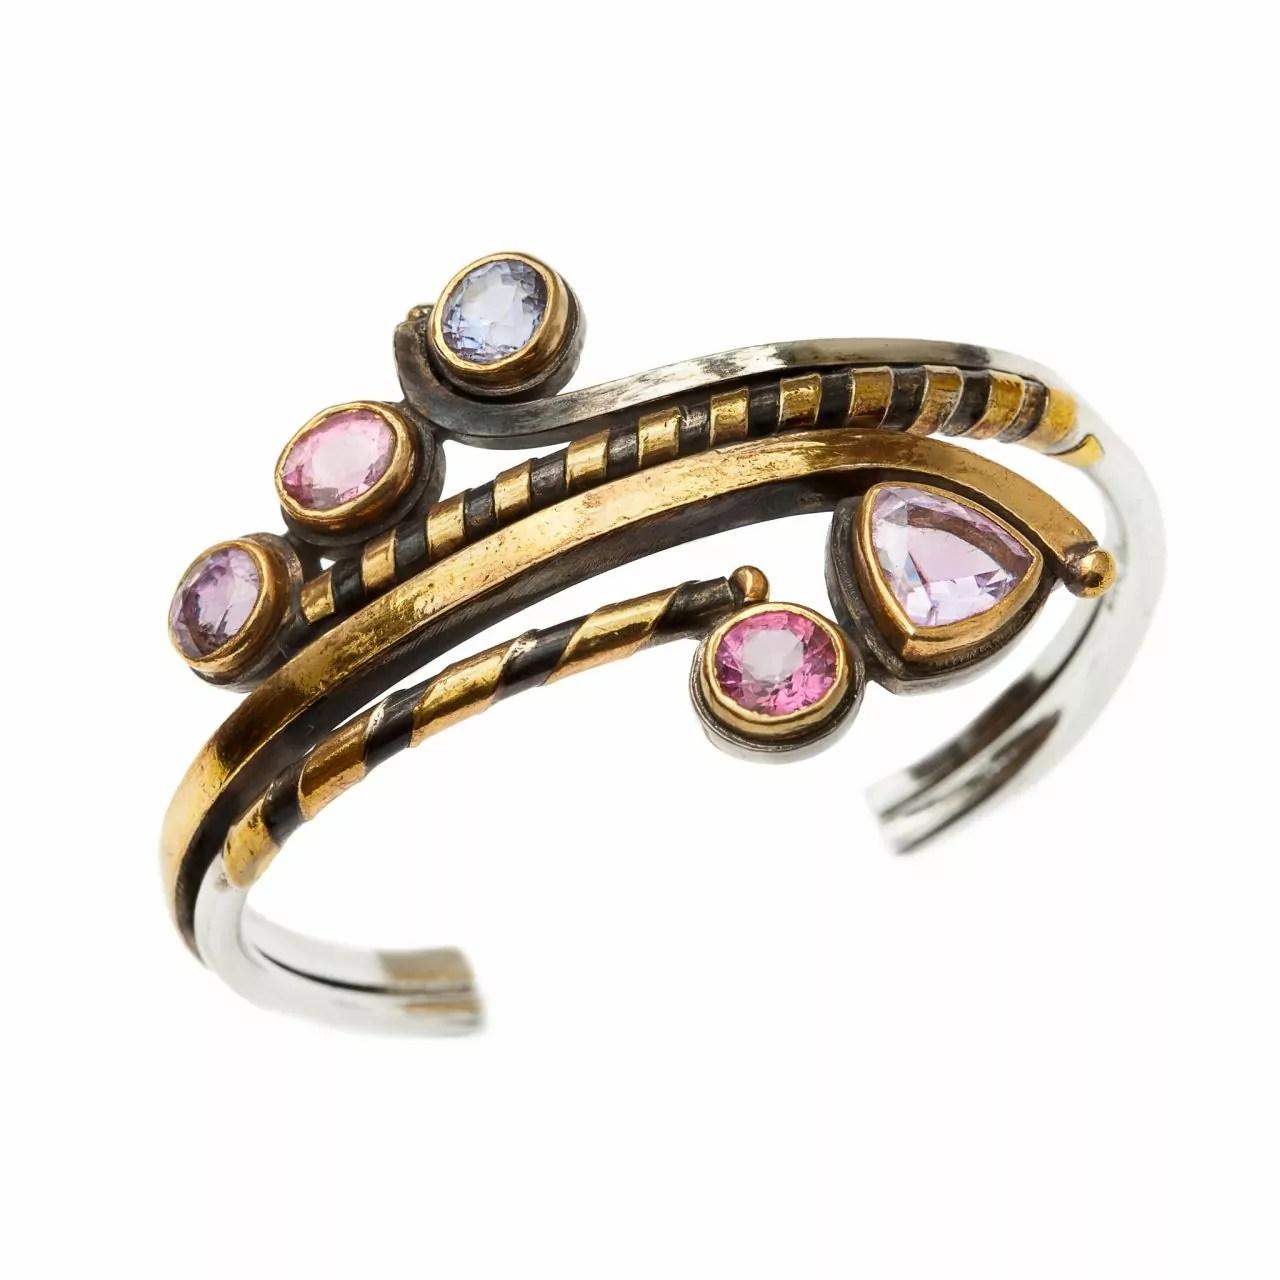 Bracelet with Spinels